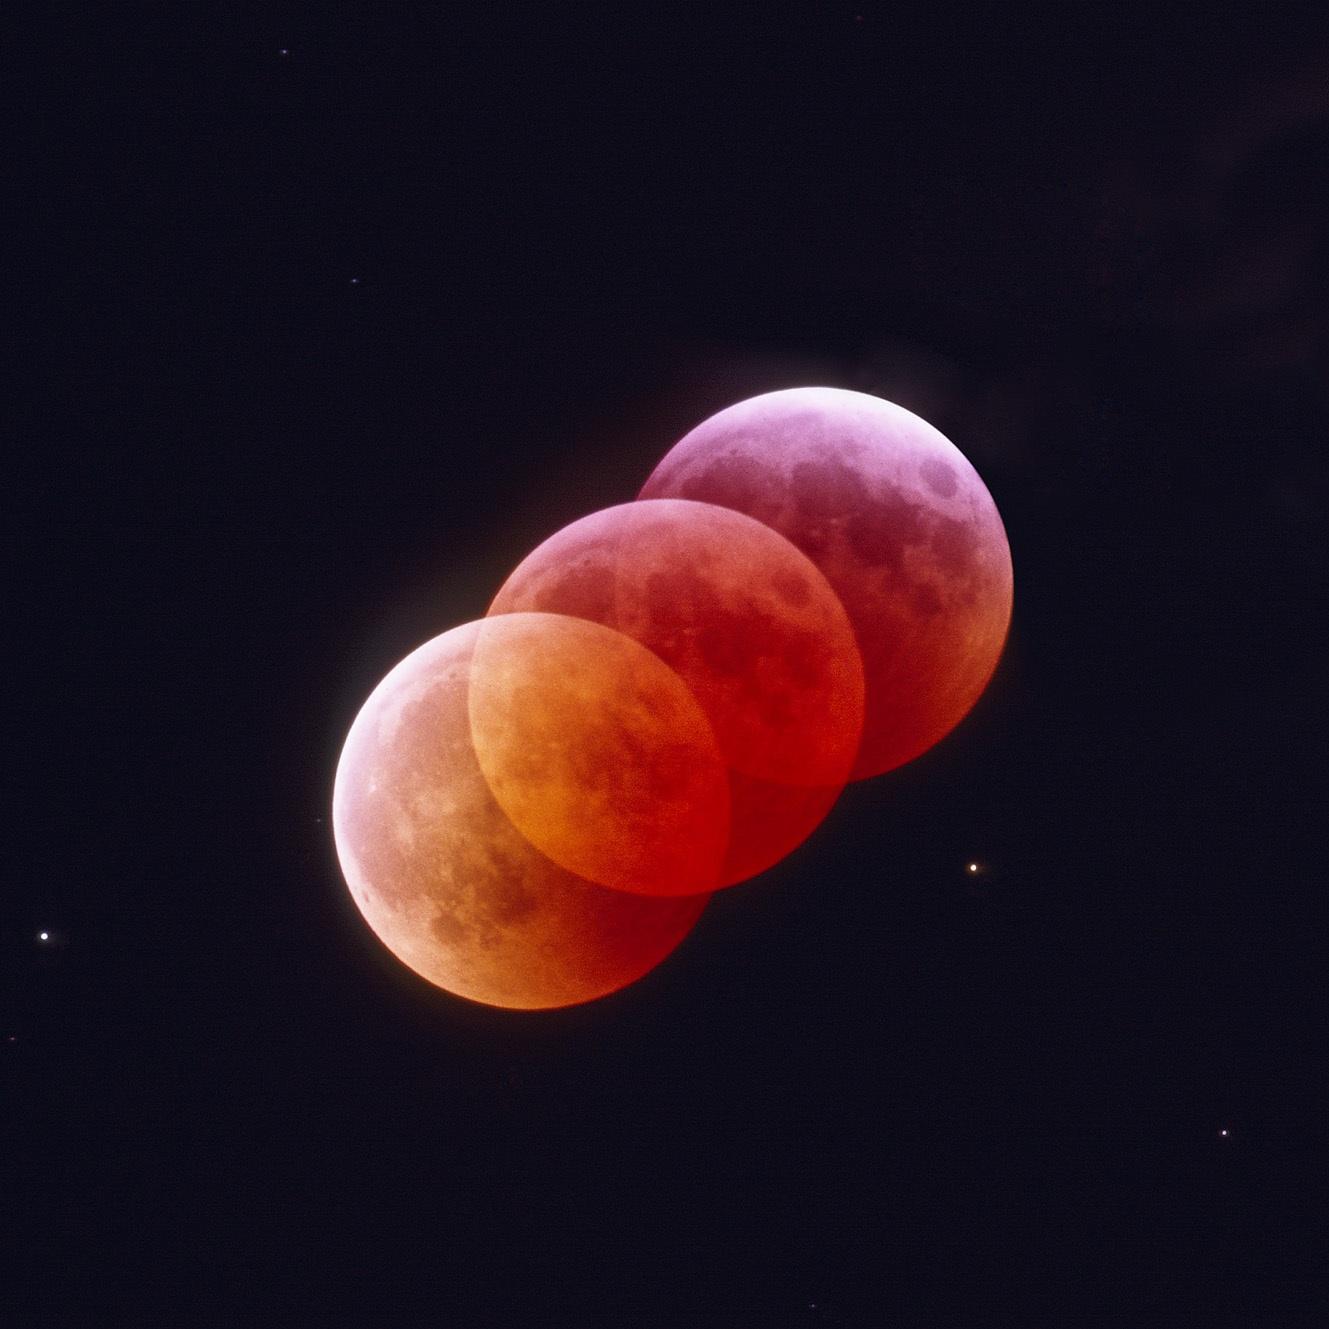 Lunar Eclipse Tonight — Penumbral Lunar Eclipse On October 18 2013